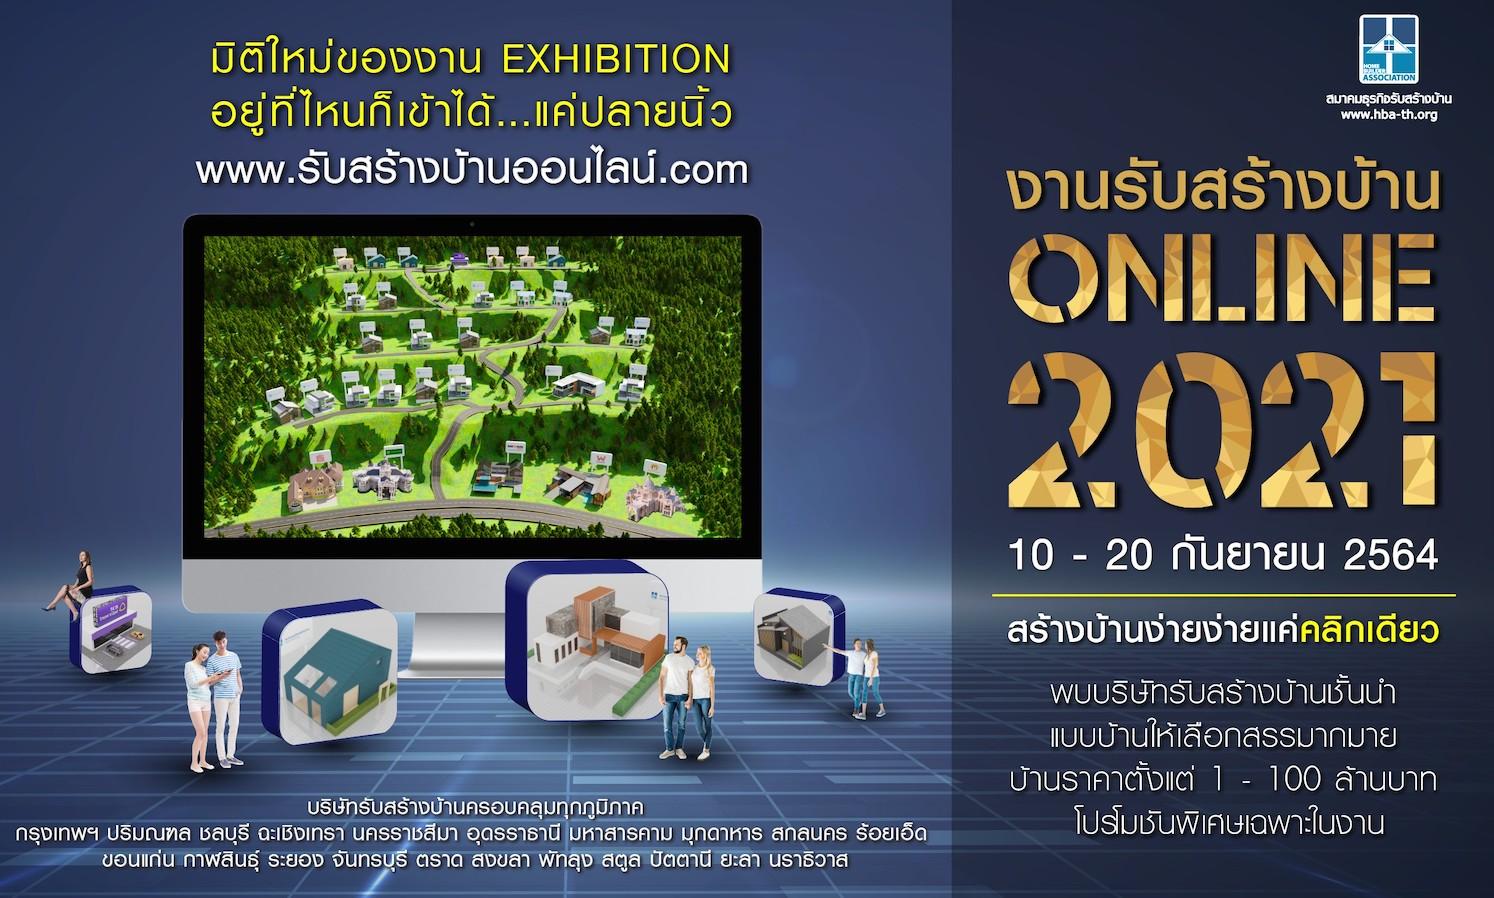 งานรับสร้างบ้าน Online 2021 จองปลูกสร้างบ้าน เลือกแบบบ้าน ผ่านออนไลน์ได้ครั้งแรกในประเทศไทย 10 - 20 ก.ย. นี้